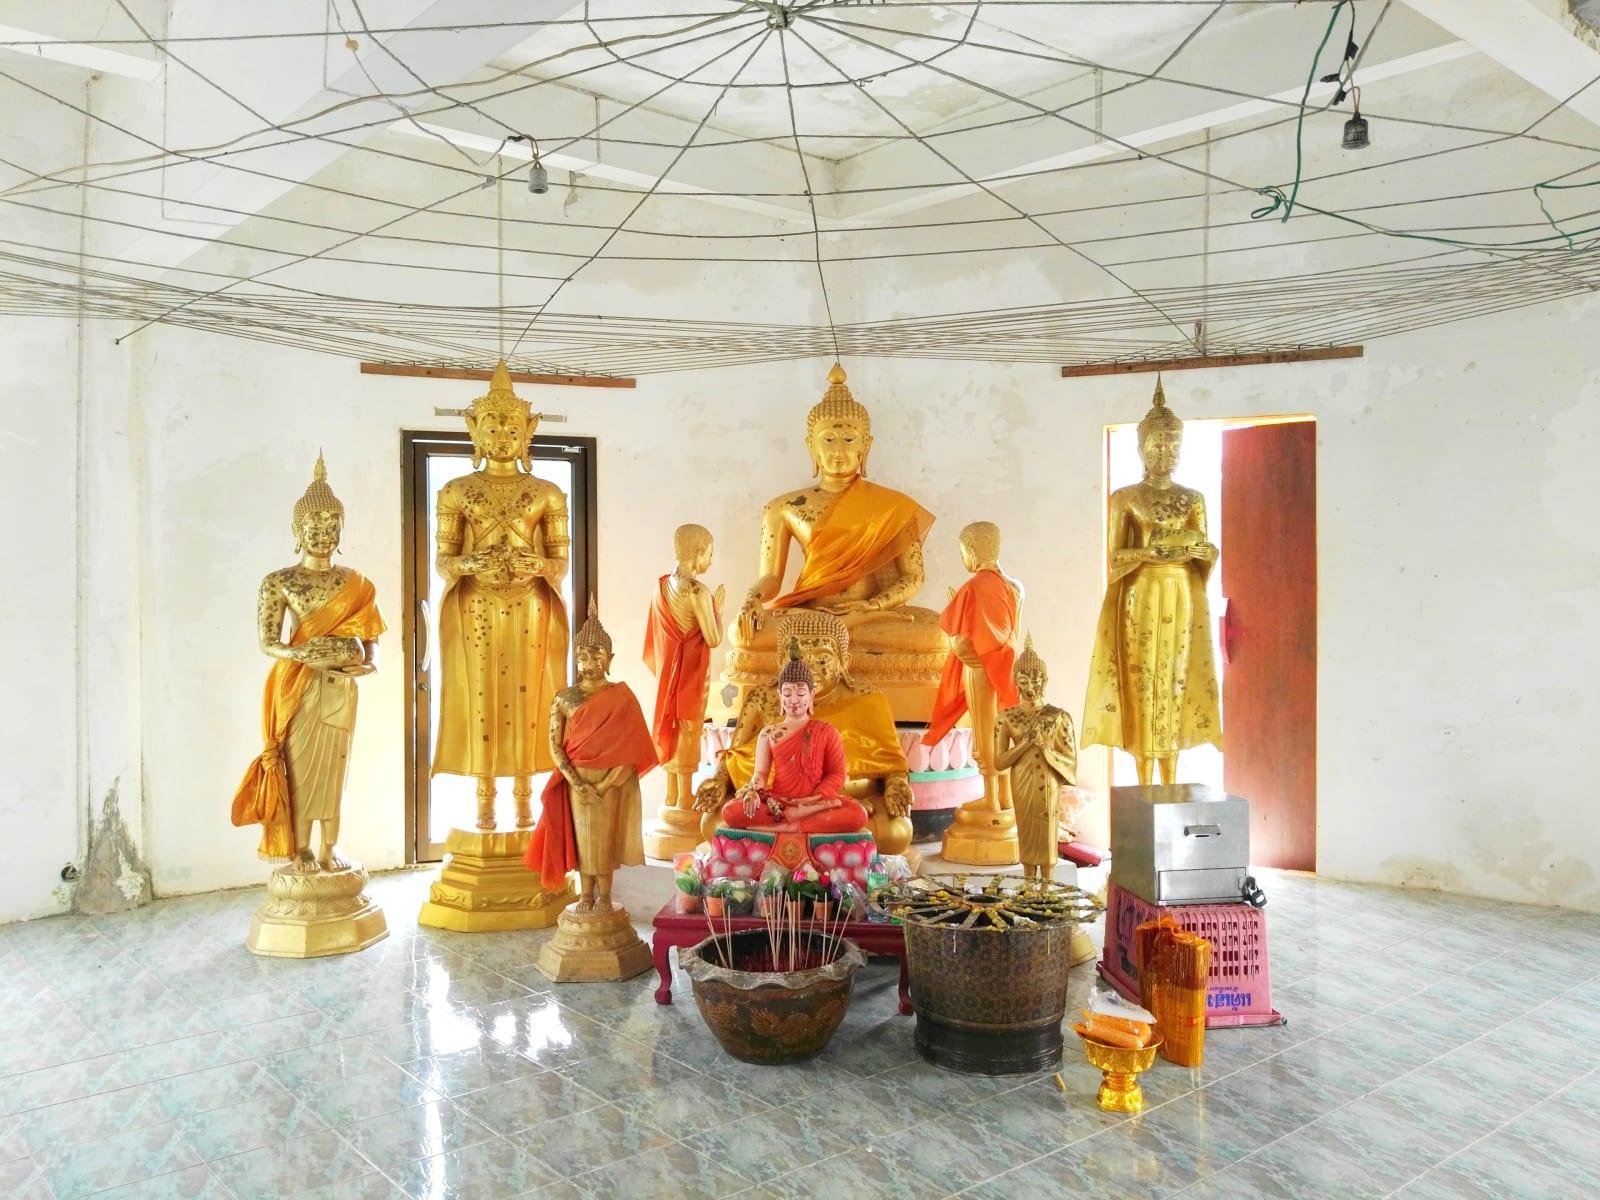 Druhý buddhistický chrám na vodě, Koh Phayam, Thajsko